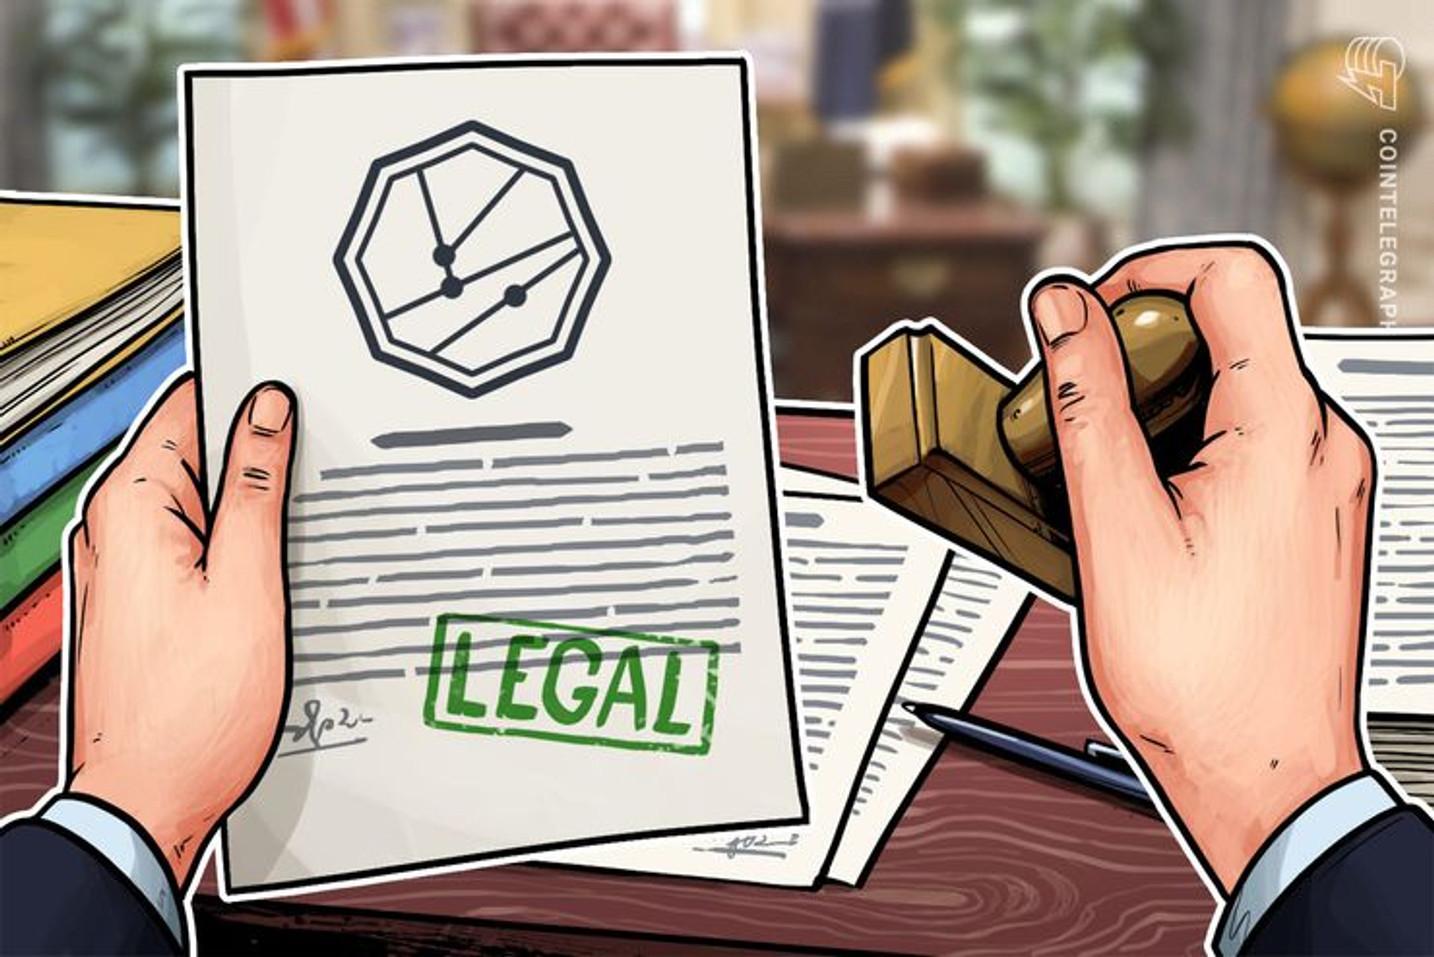 España: Bufetes aplican blockchain e inteligencia artificial en el sector legal